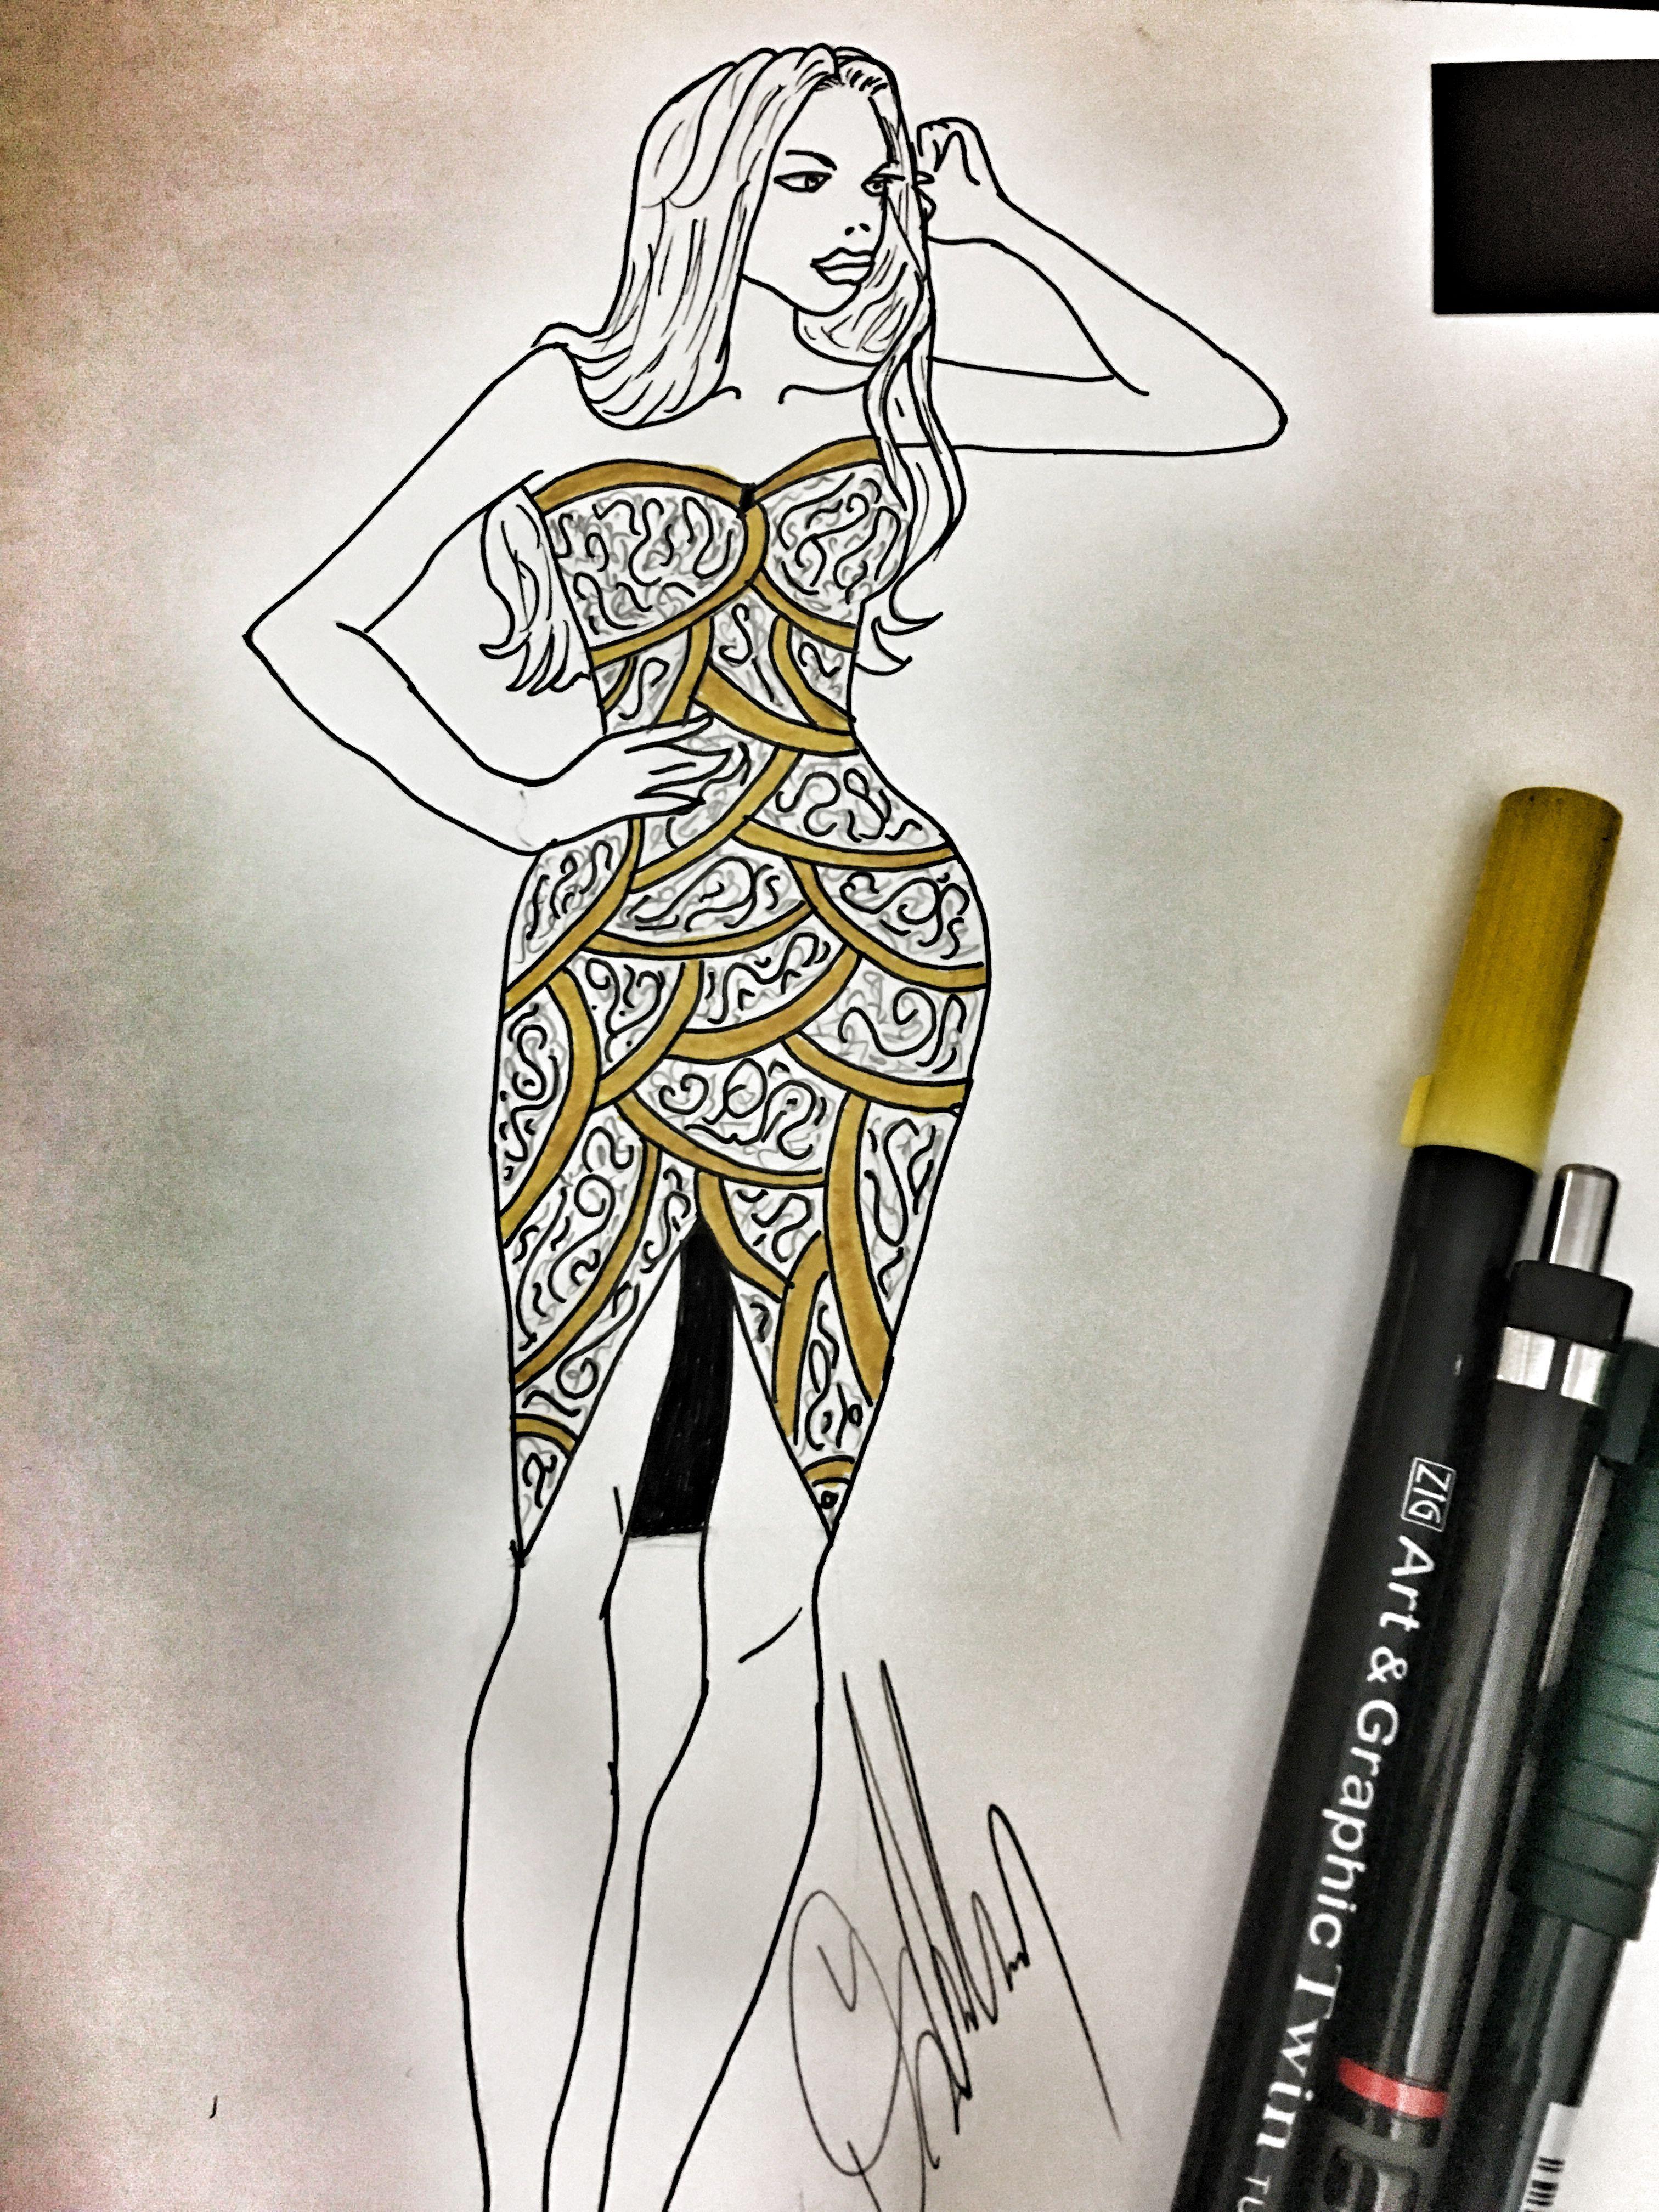 df6c6ab339033 Moda çizimleri Nasıl Yapılır Pictures   Moda çizimleri Nasıl Yapılır ...